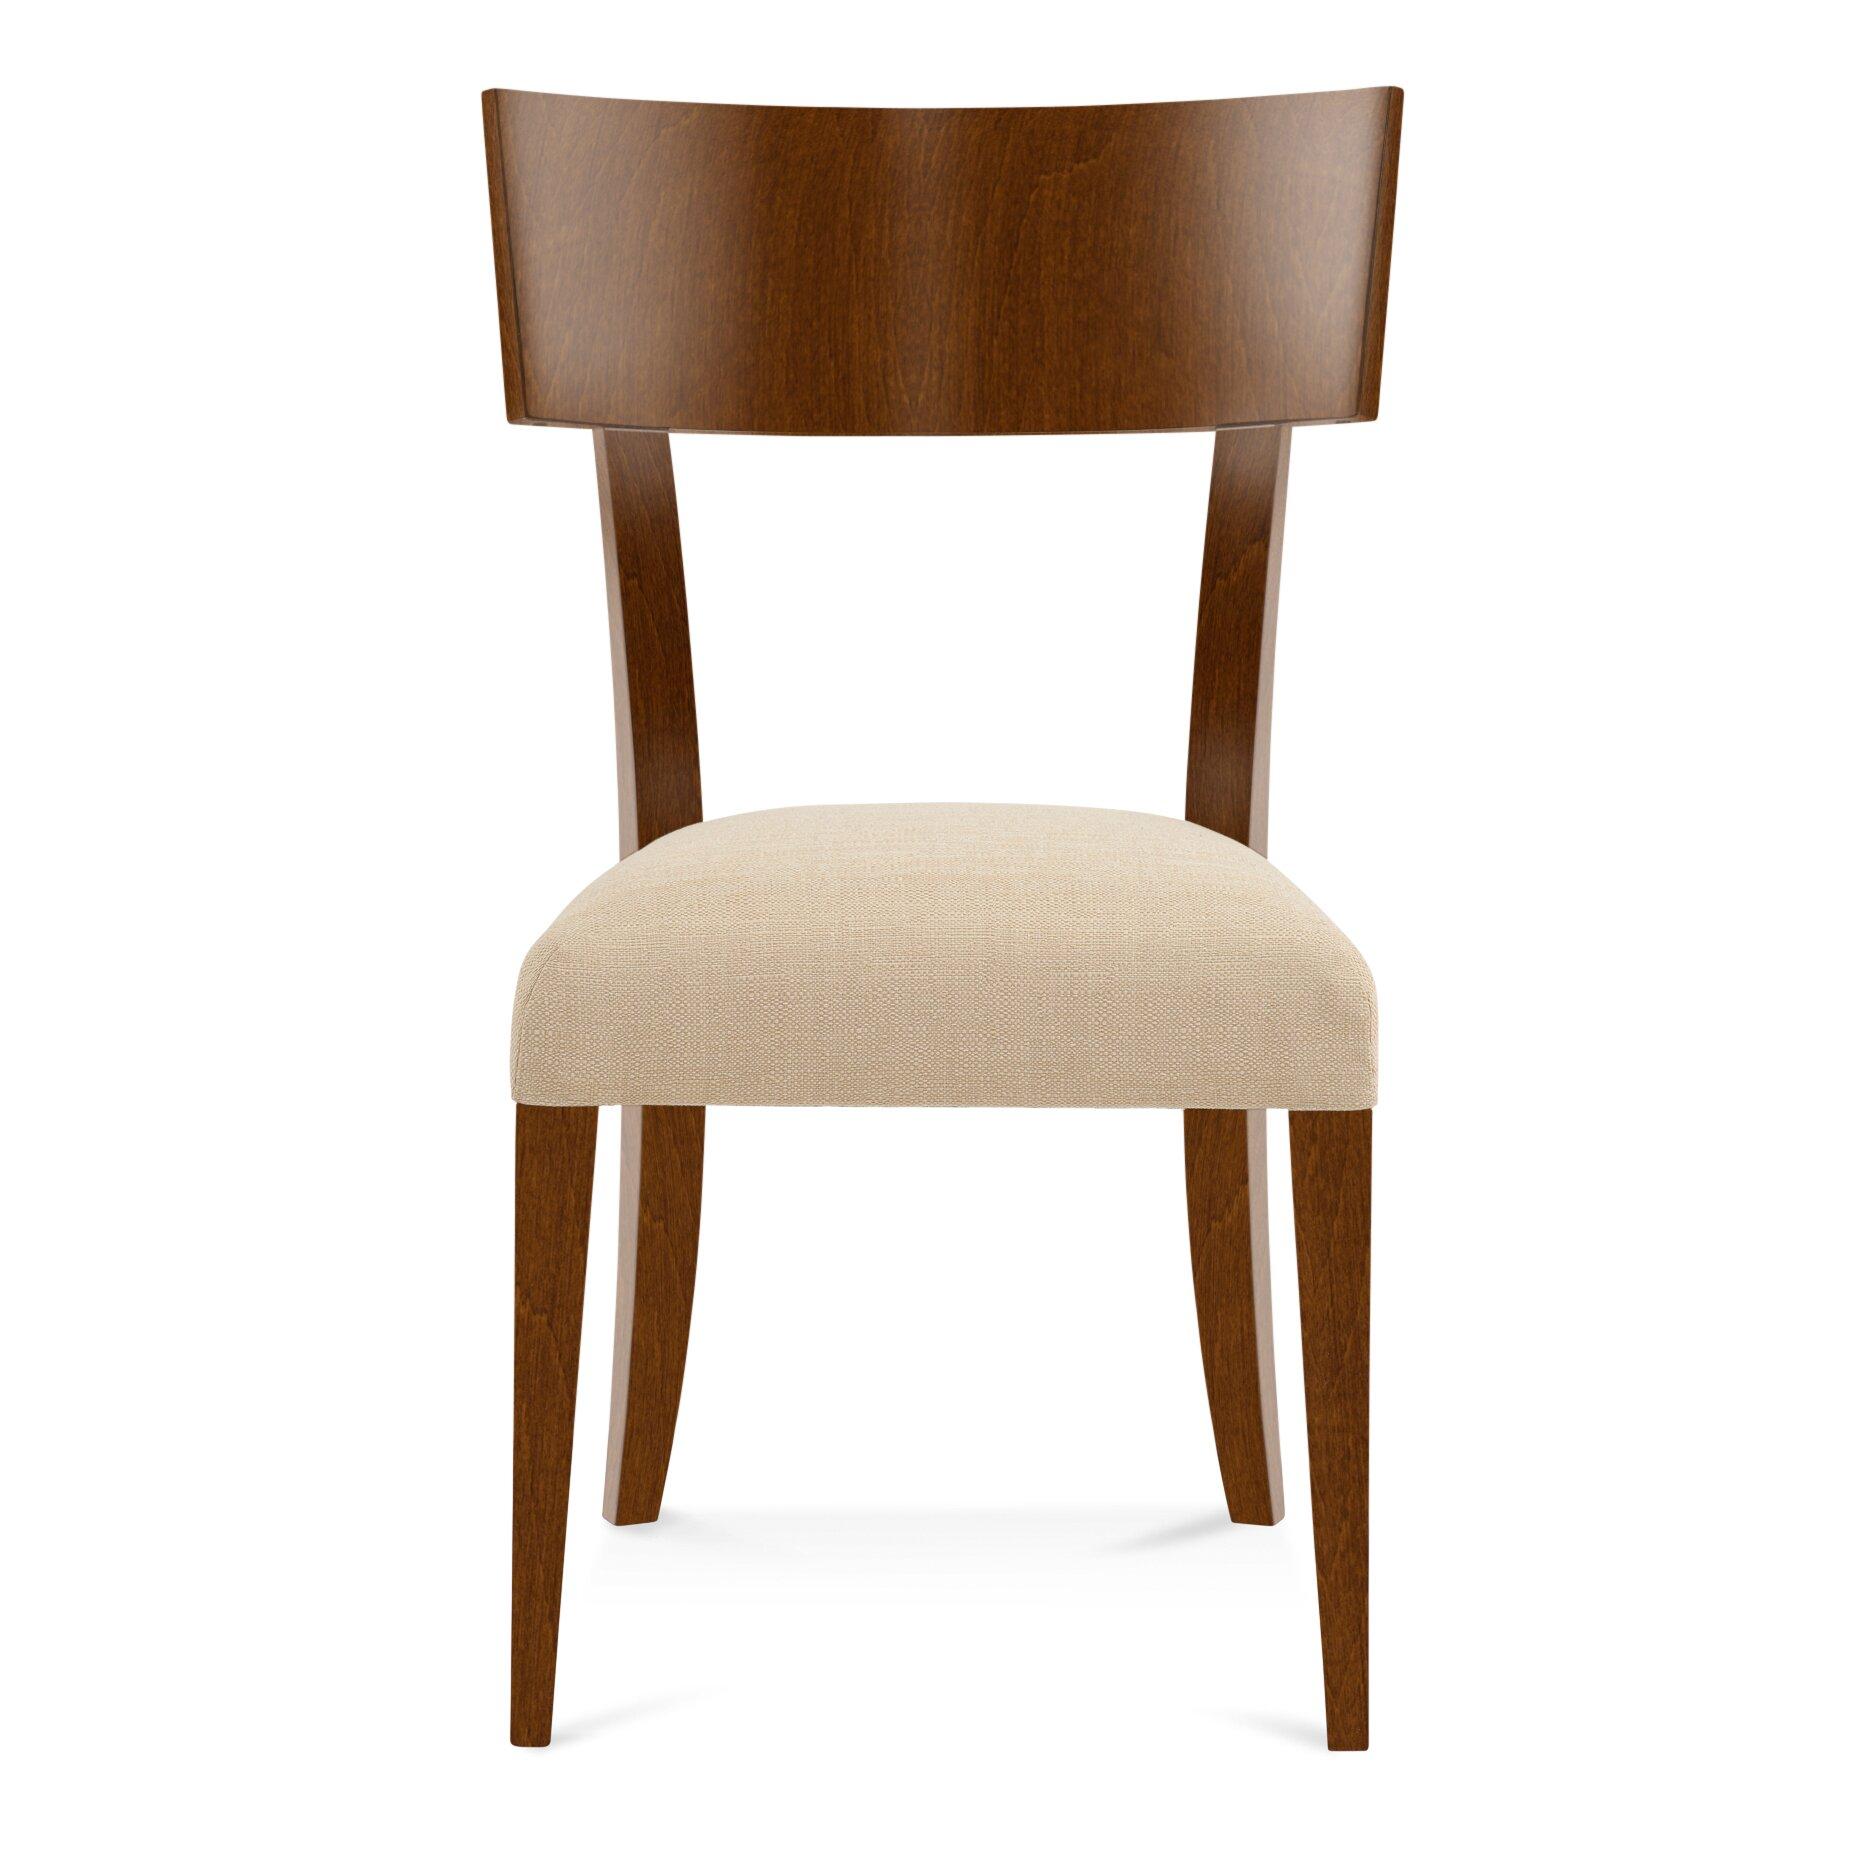 Saloom Furniture Peter Francis Side Chair Reviews Wayfair